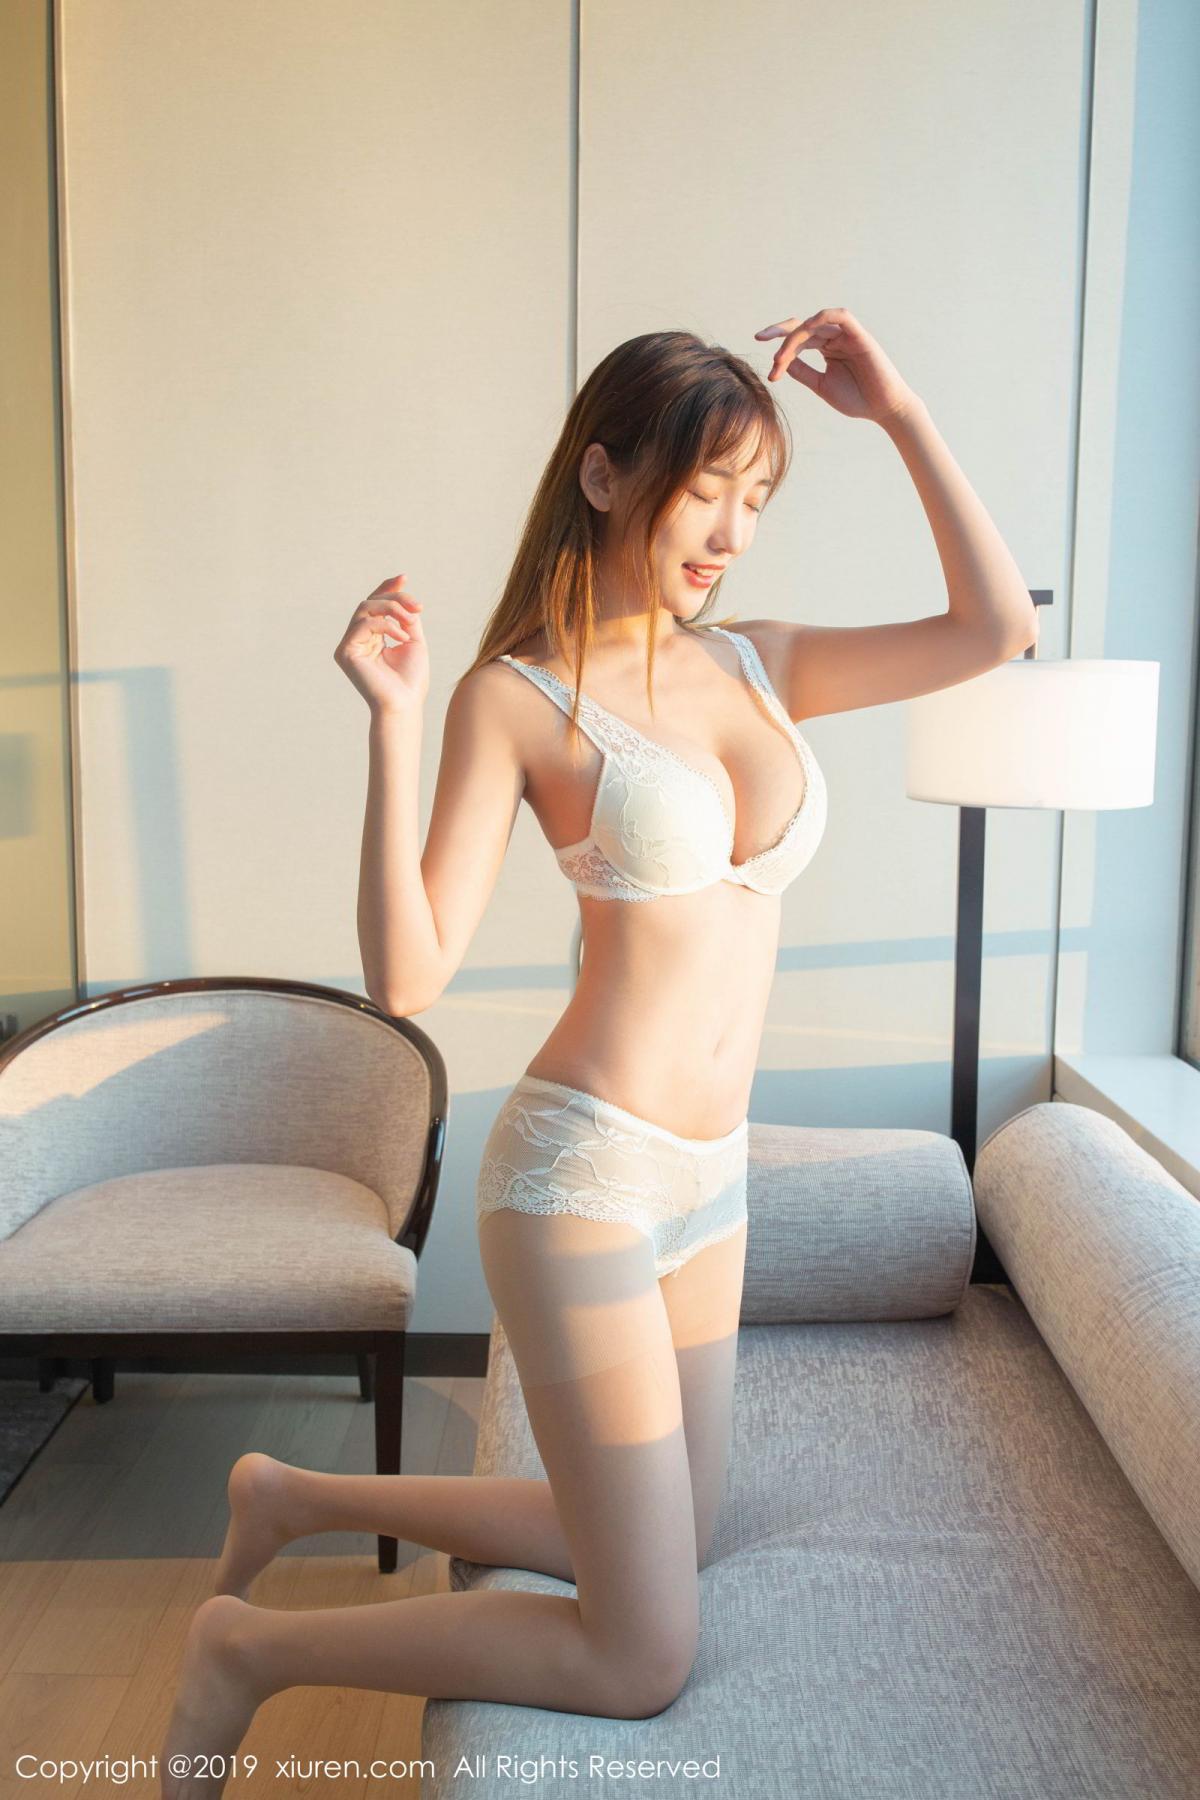 [XiuRen] Vol.1657 Lu Xuan Xuan 31P, Lu Xuan Xuan, Tall, Temperament, Underwear, Xiuren